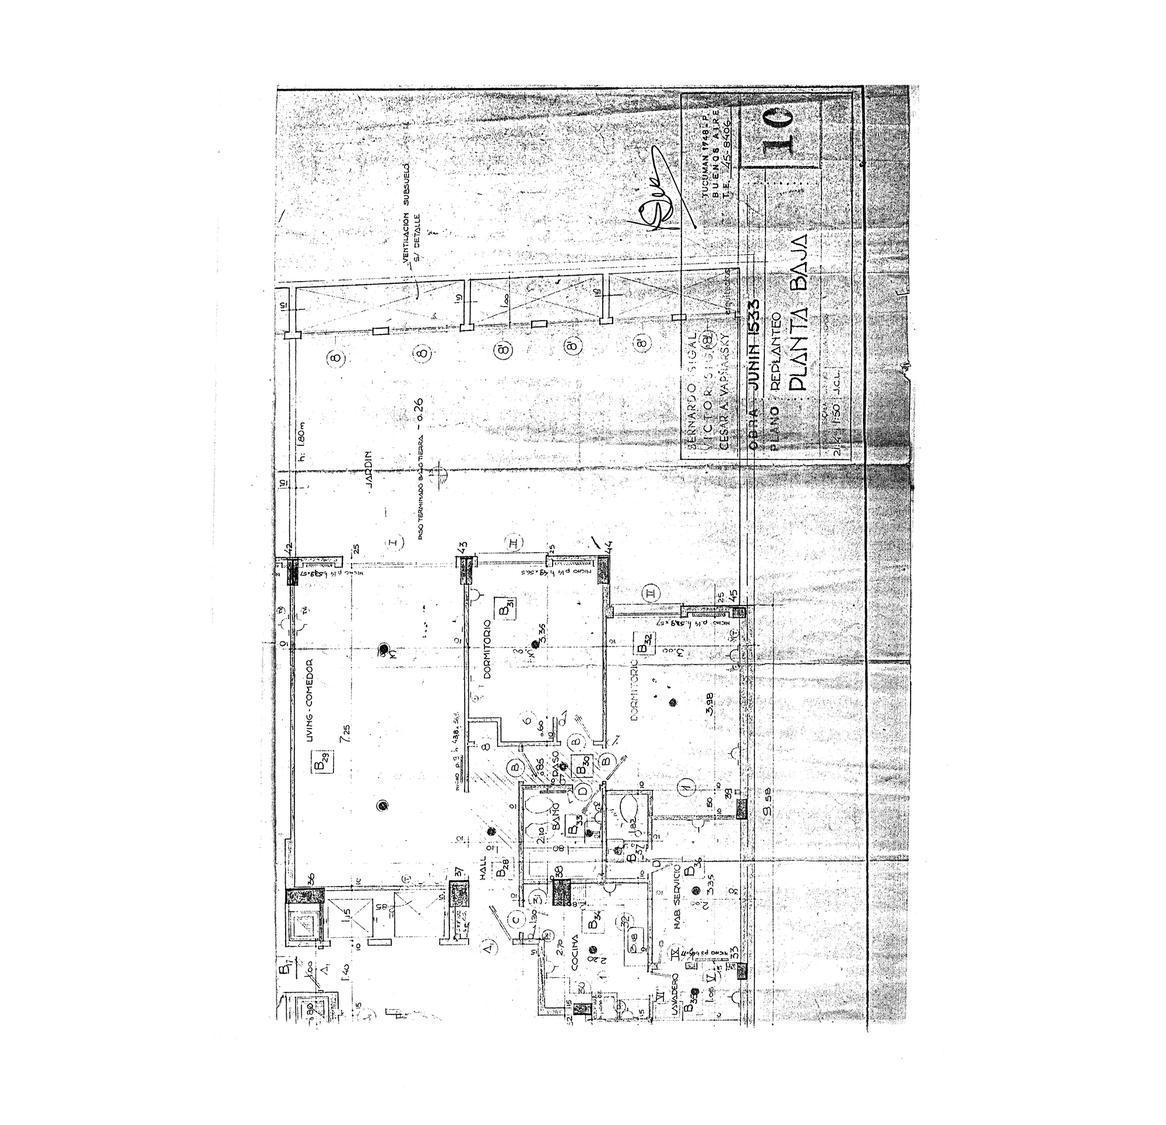 Departamento-Venta-Recoleta-Junin al 1400 e/ Las heras y Pacheco de Melo